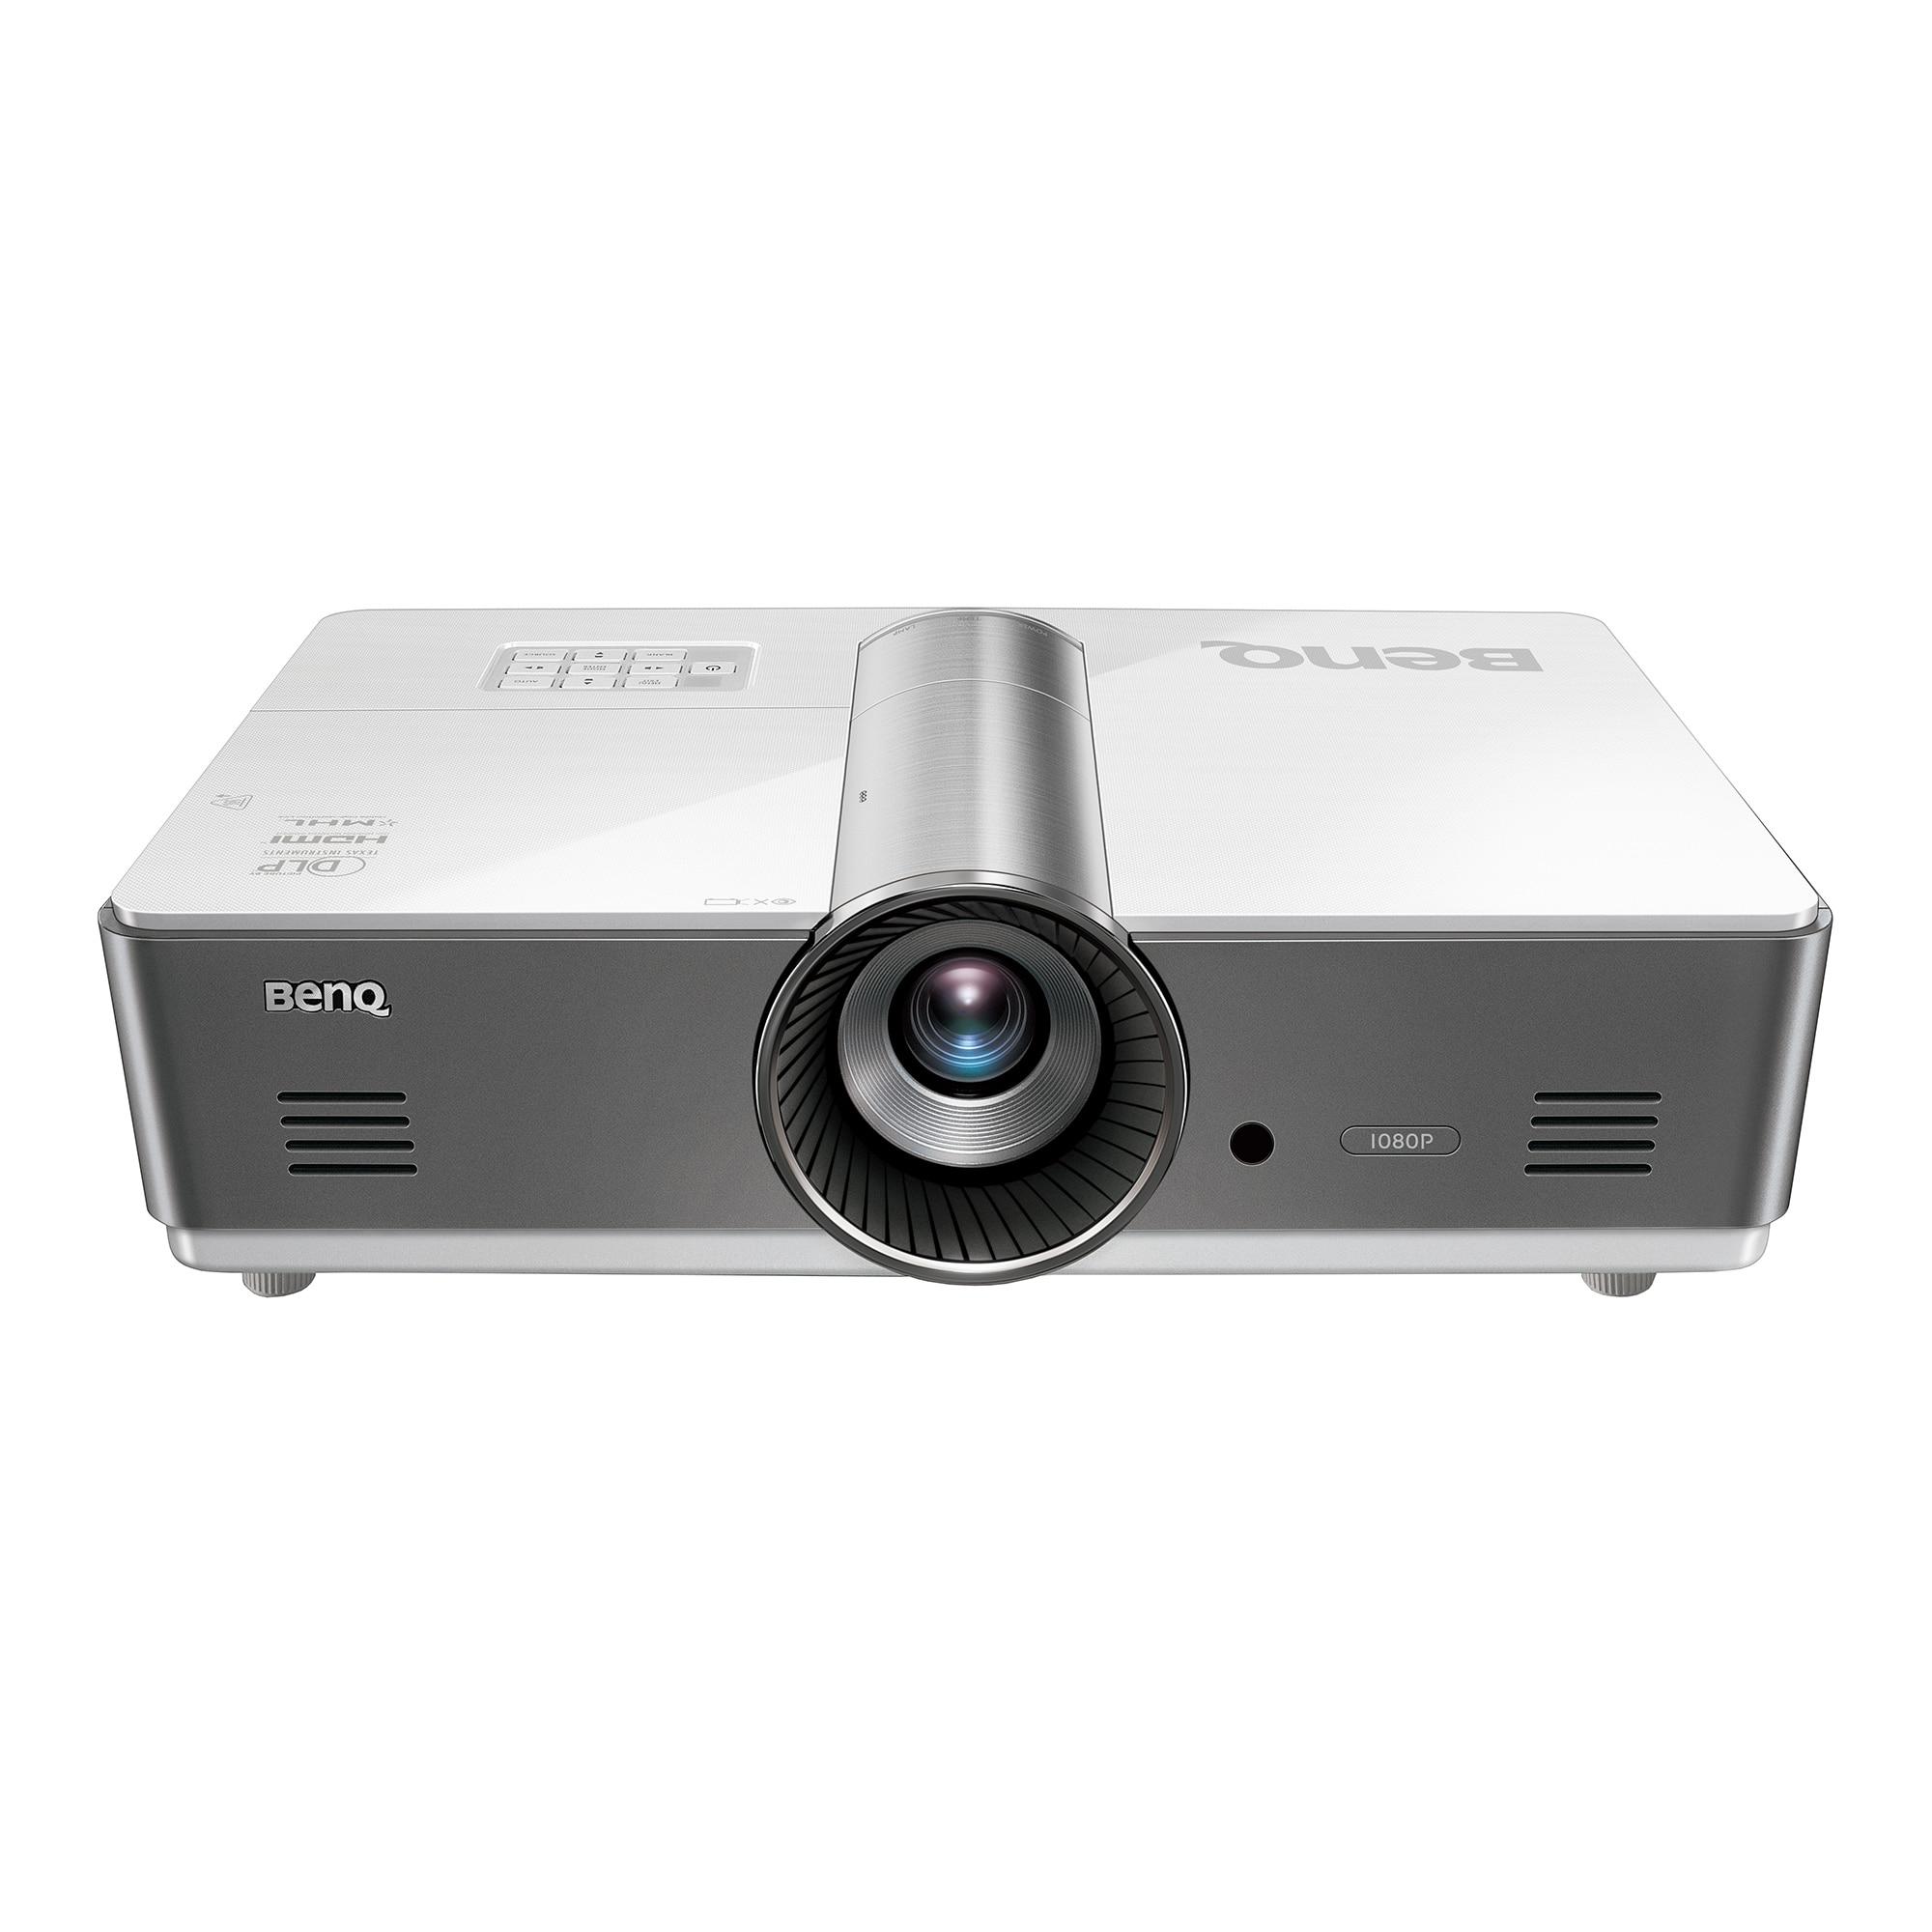 Benq Mh760 3d Projektor Full Hd 1080p 5000 Lumen 2xhdmi Lan Fehér Emag Hu